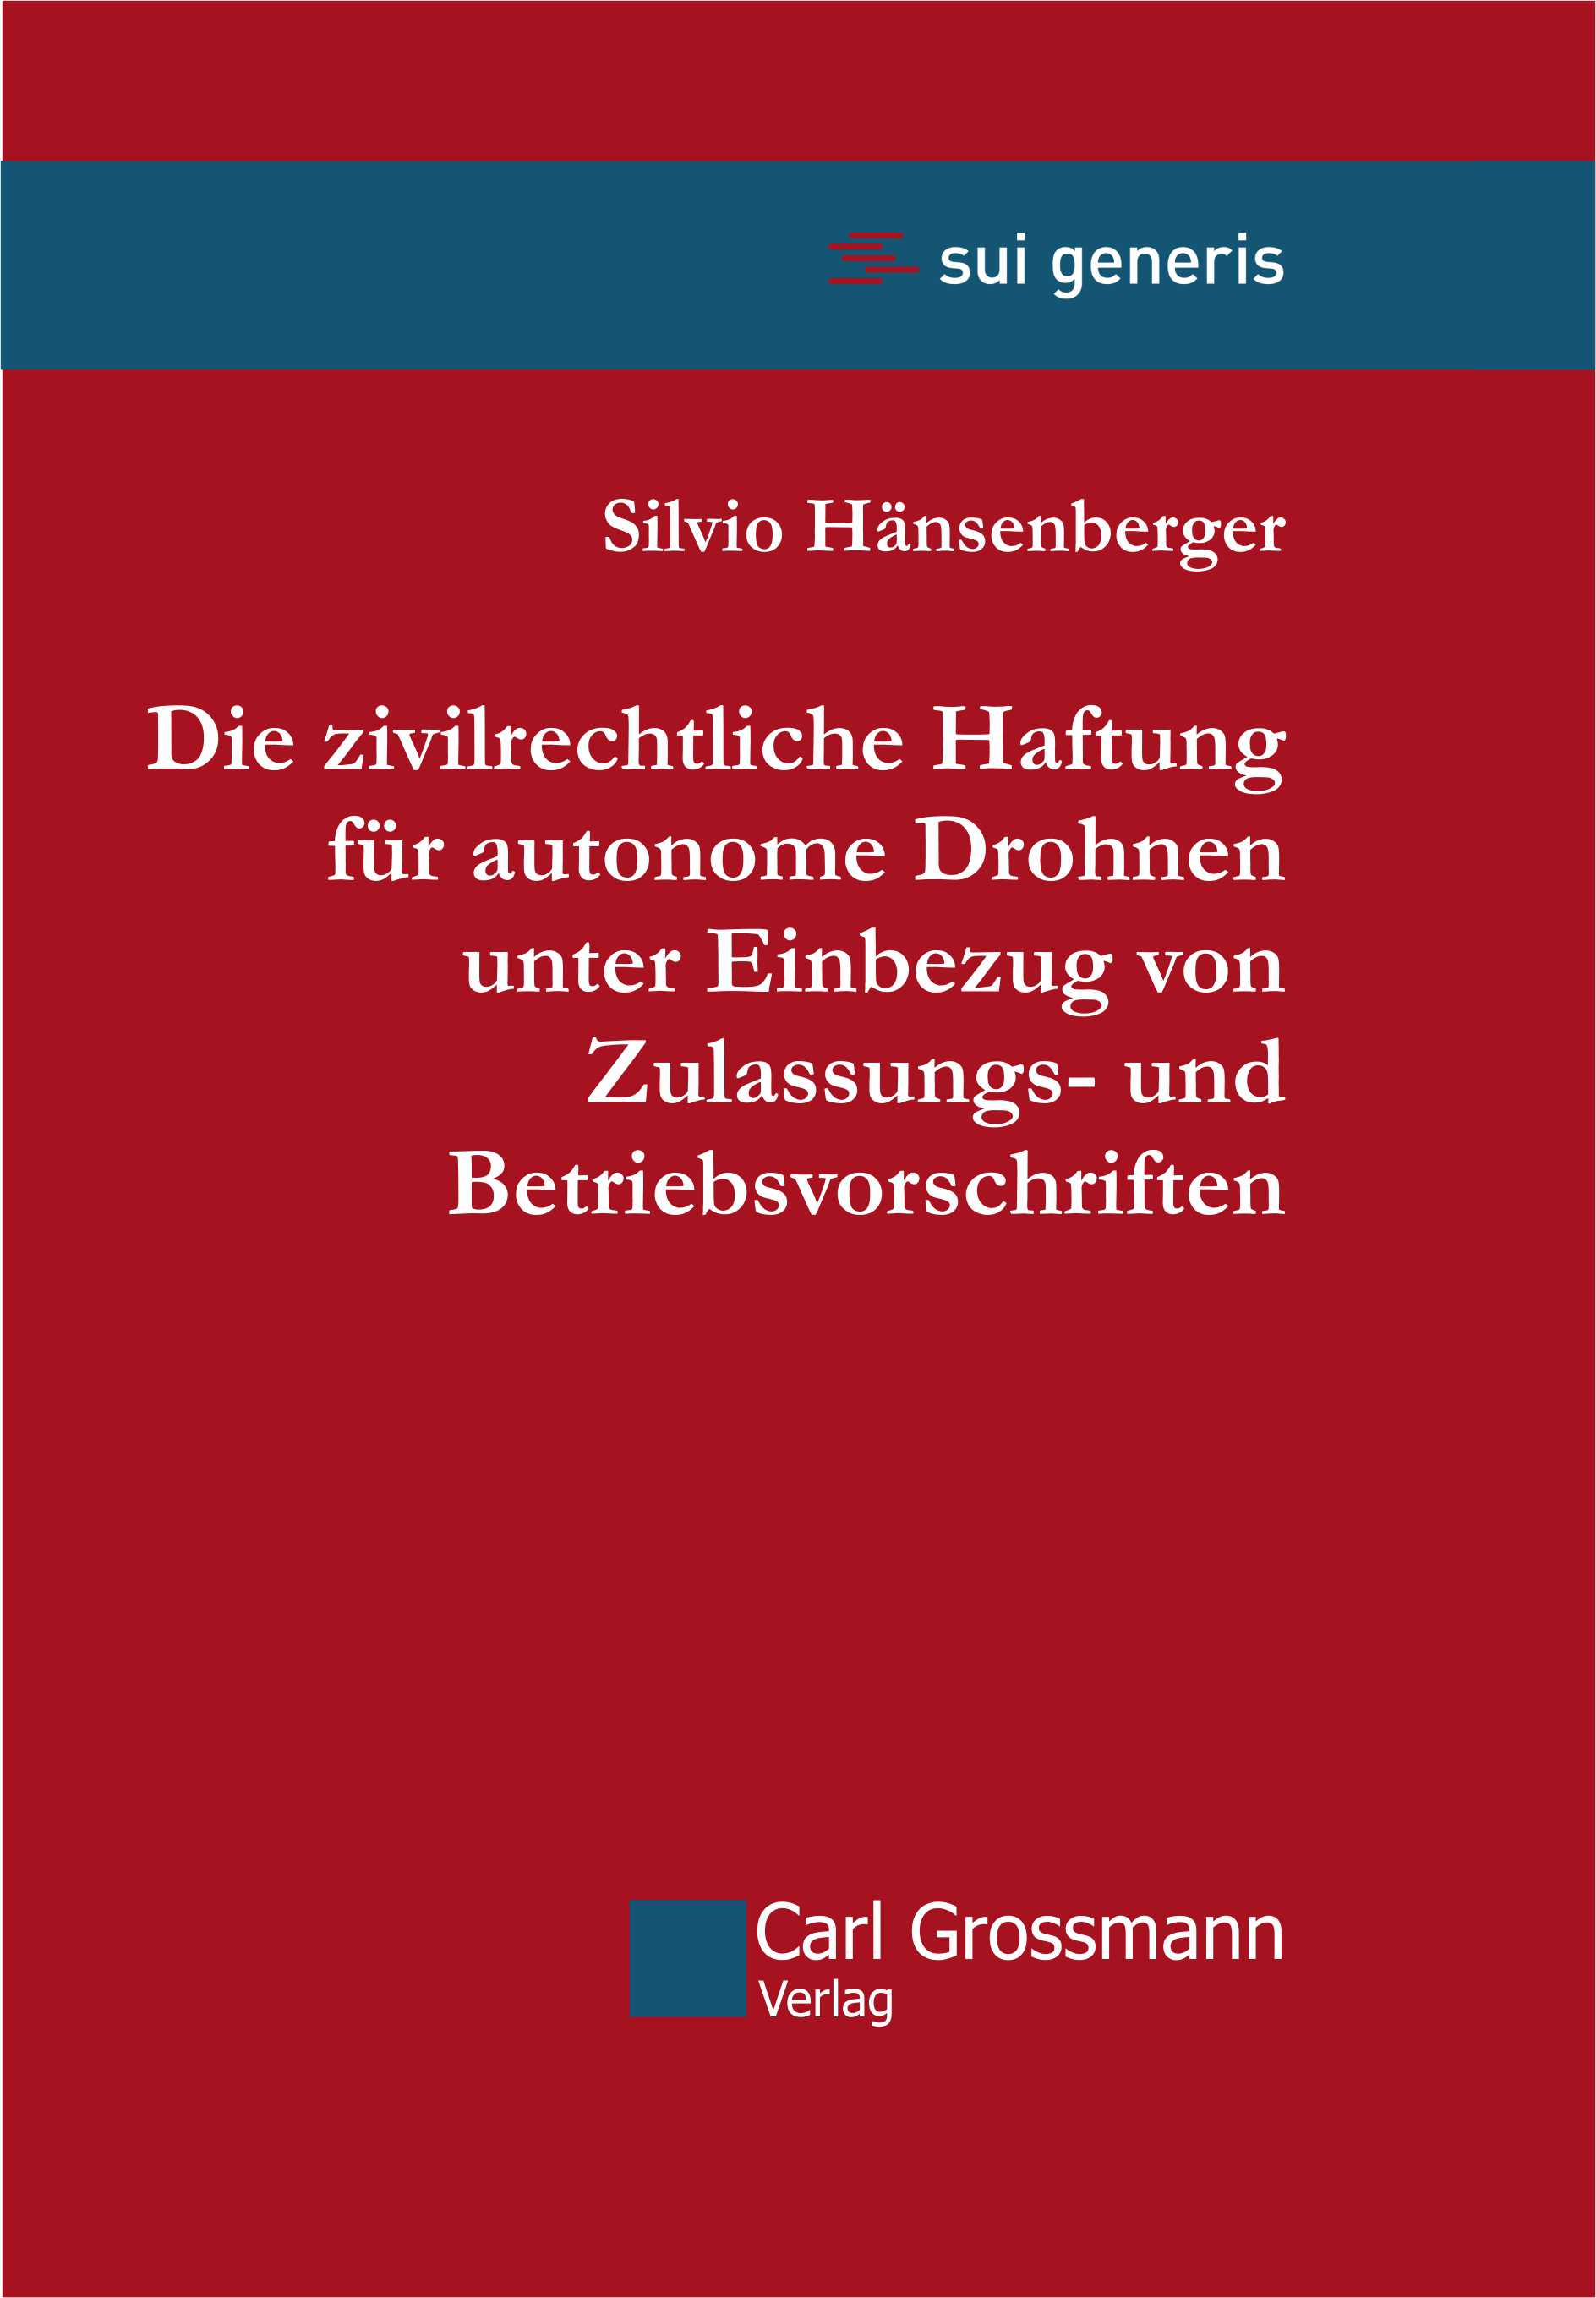 Silvio Hänsenberger: Die zivilrechtliche Haftung für autonome Drohnen unter Einbezug von Zulassungs- und Betriebsvorschriften